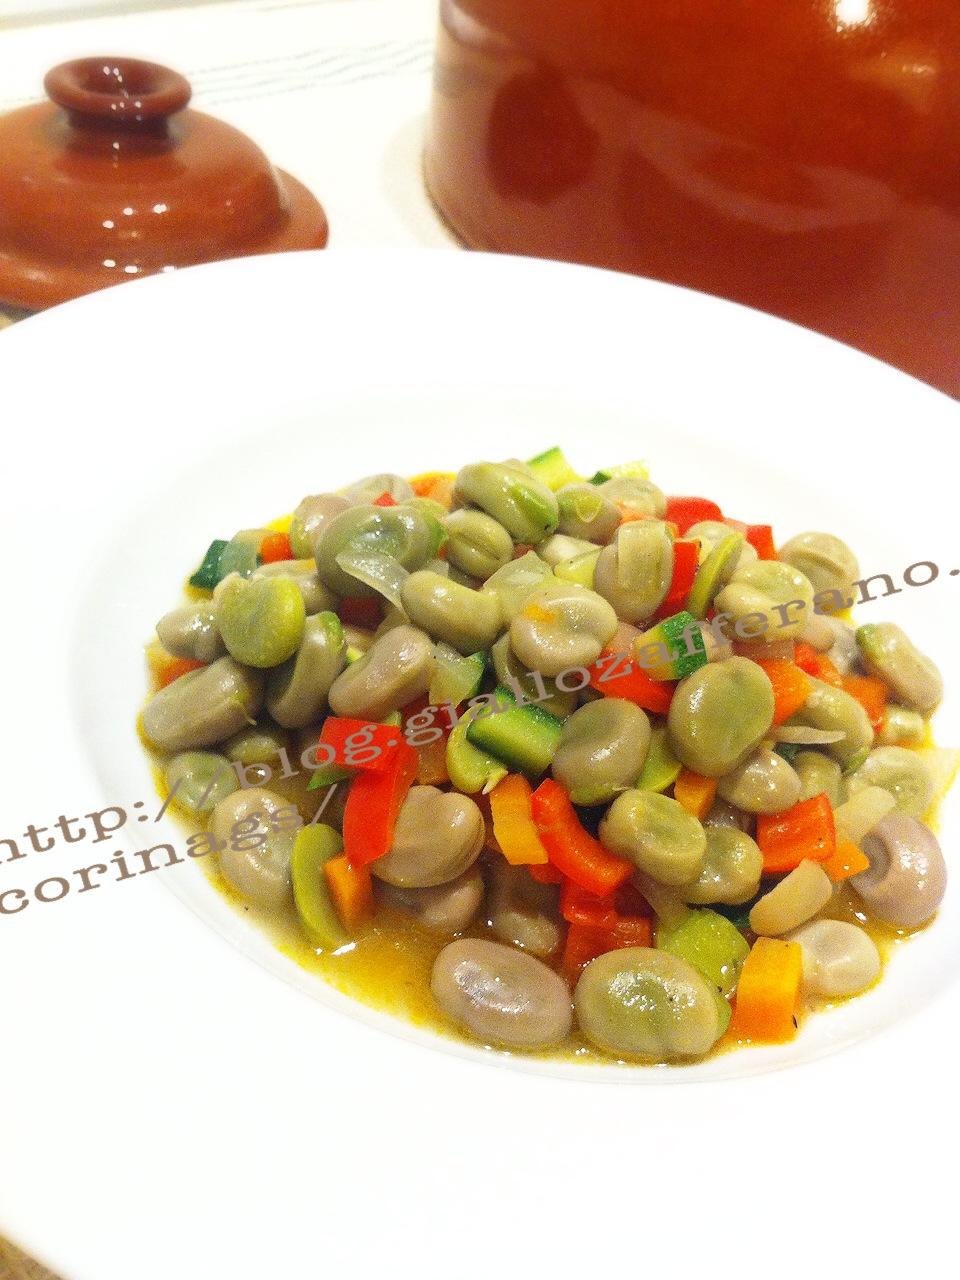 ricetta fave forno terracotta